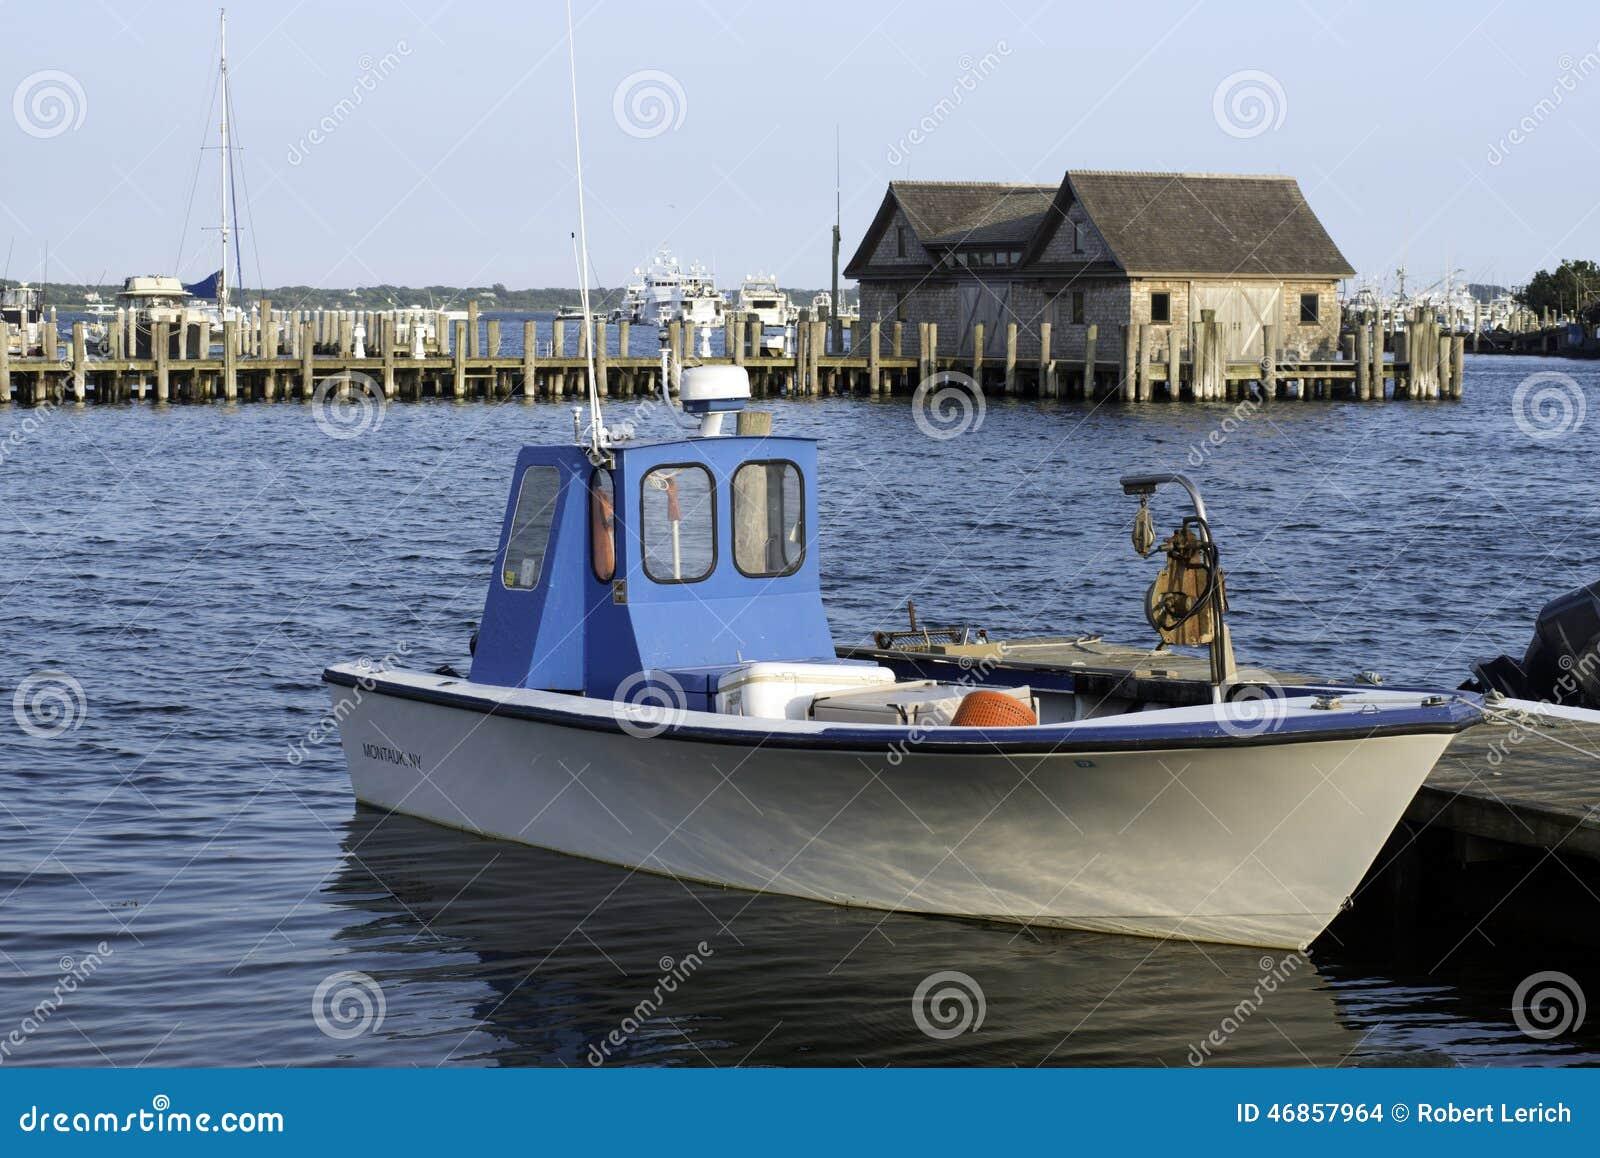 Fishing boat in bay harbor marina montauk new york usa the for Fishing boats ny